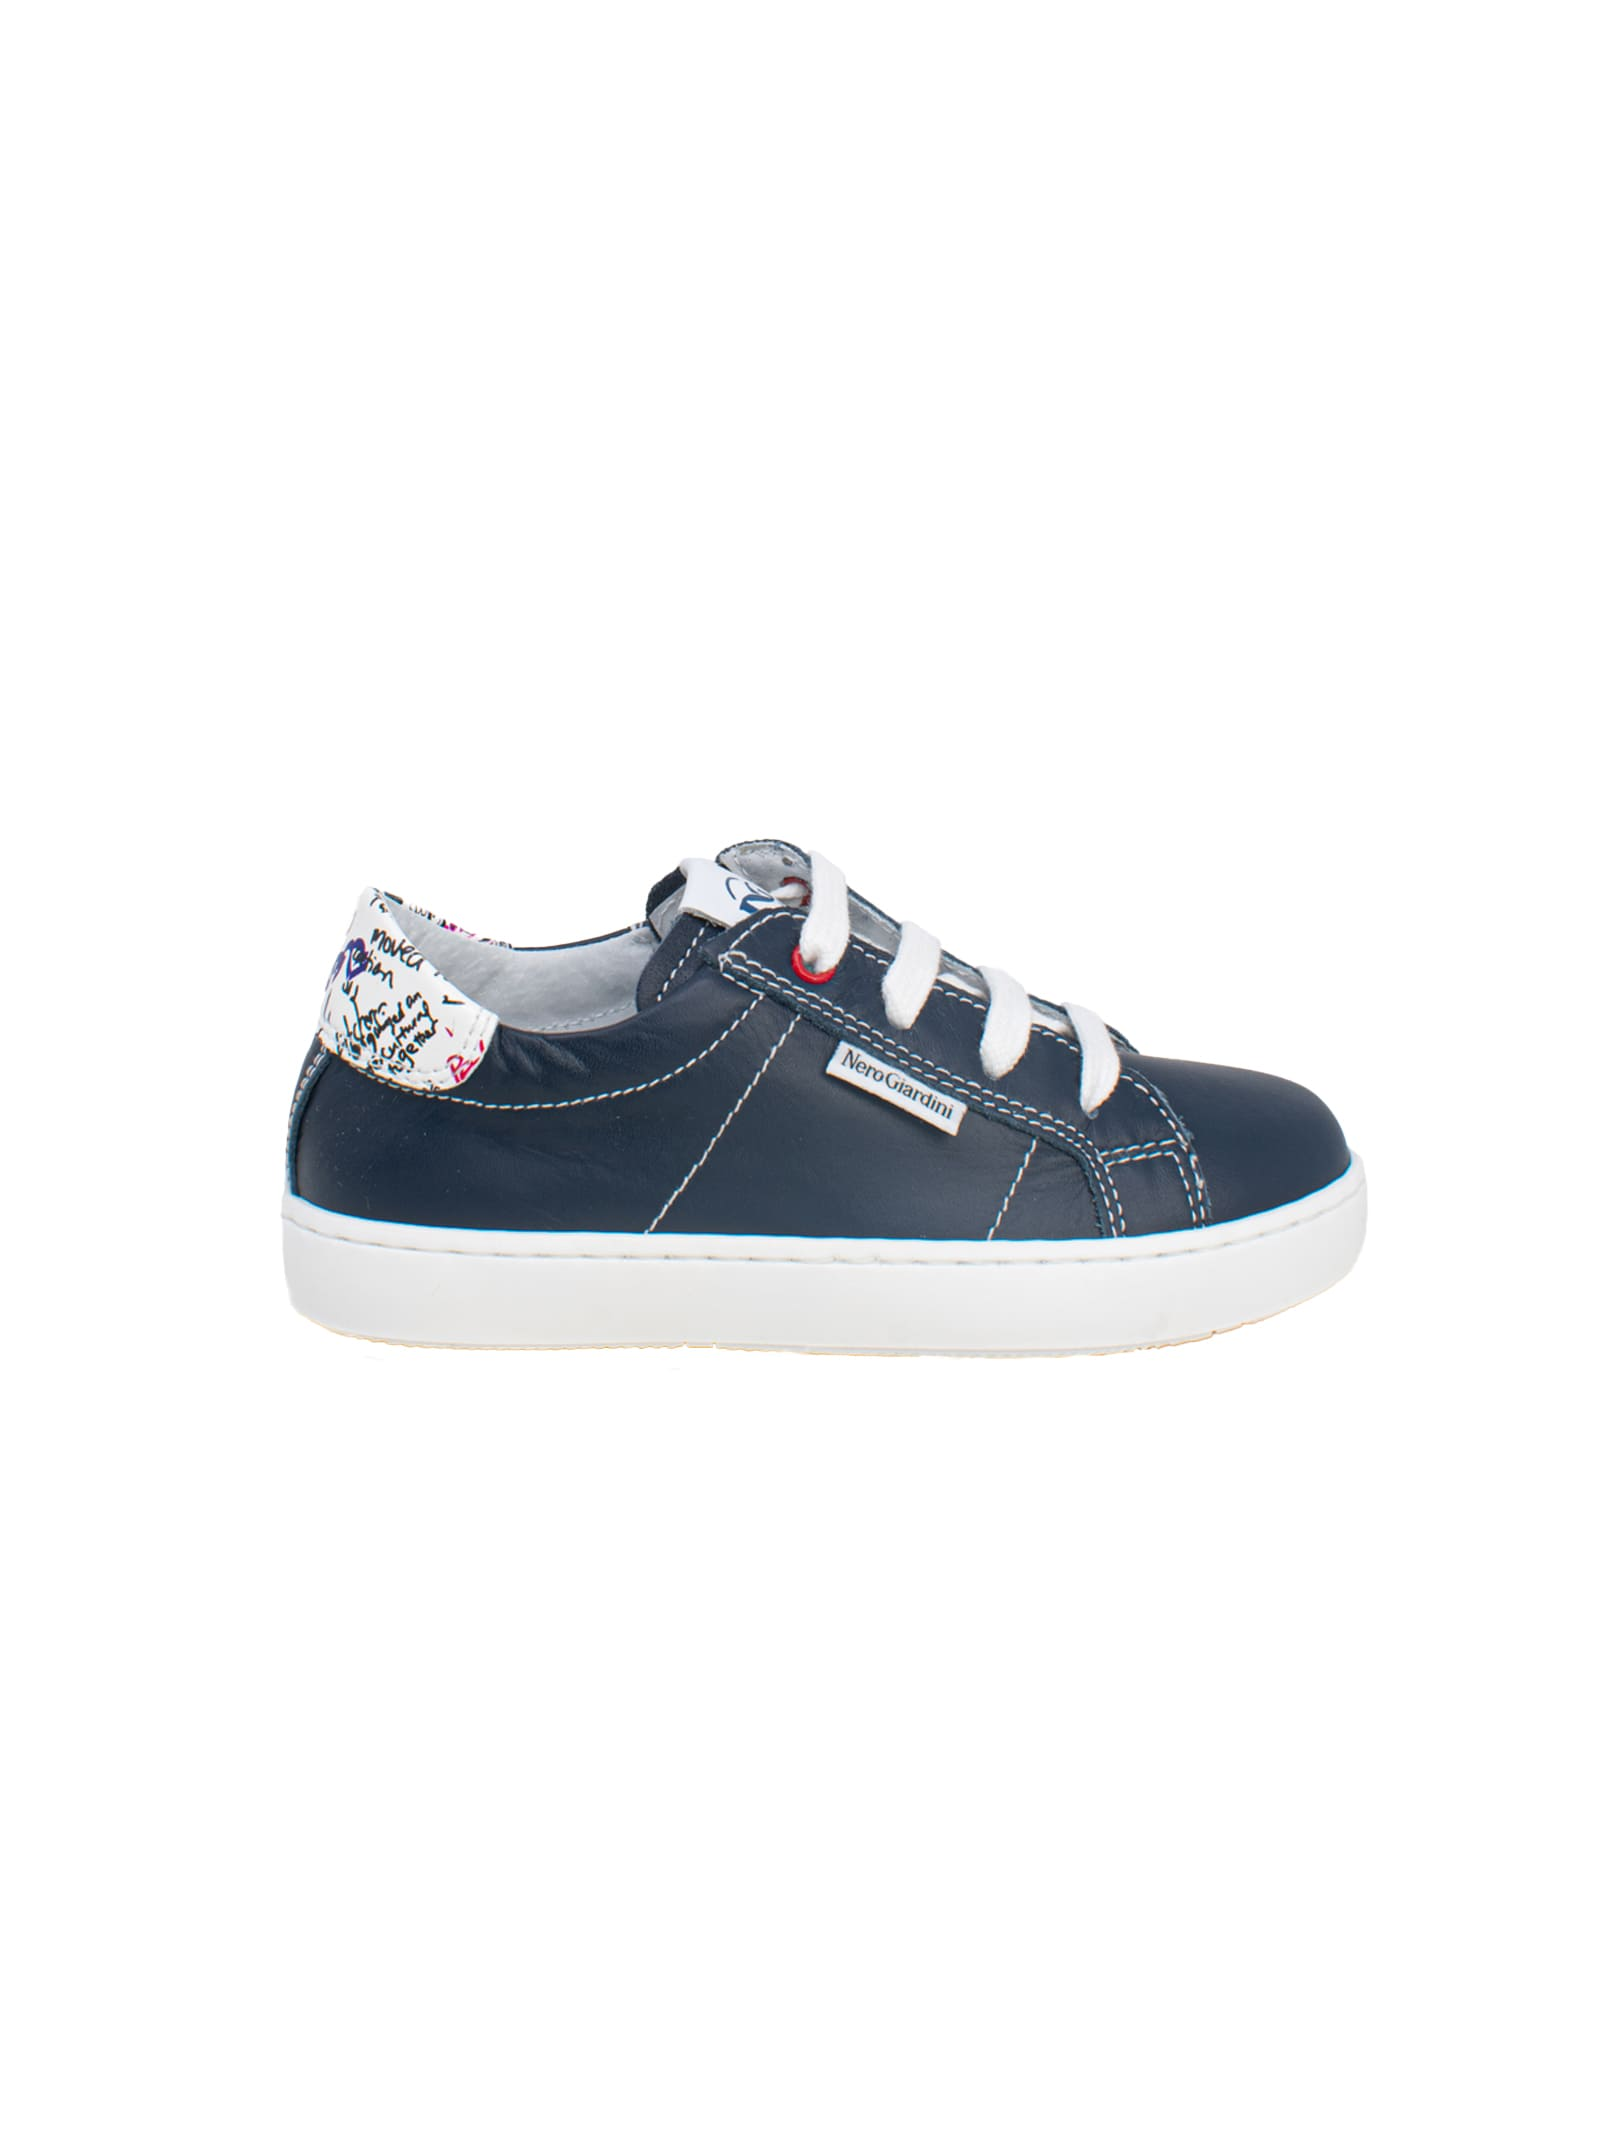 Sneakers Bambino Incanto NERO GIARDINI JUNIOR | Sneakers | E124012M207